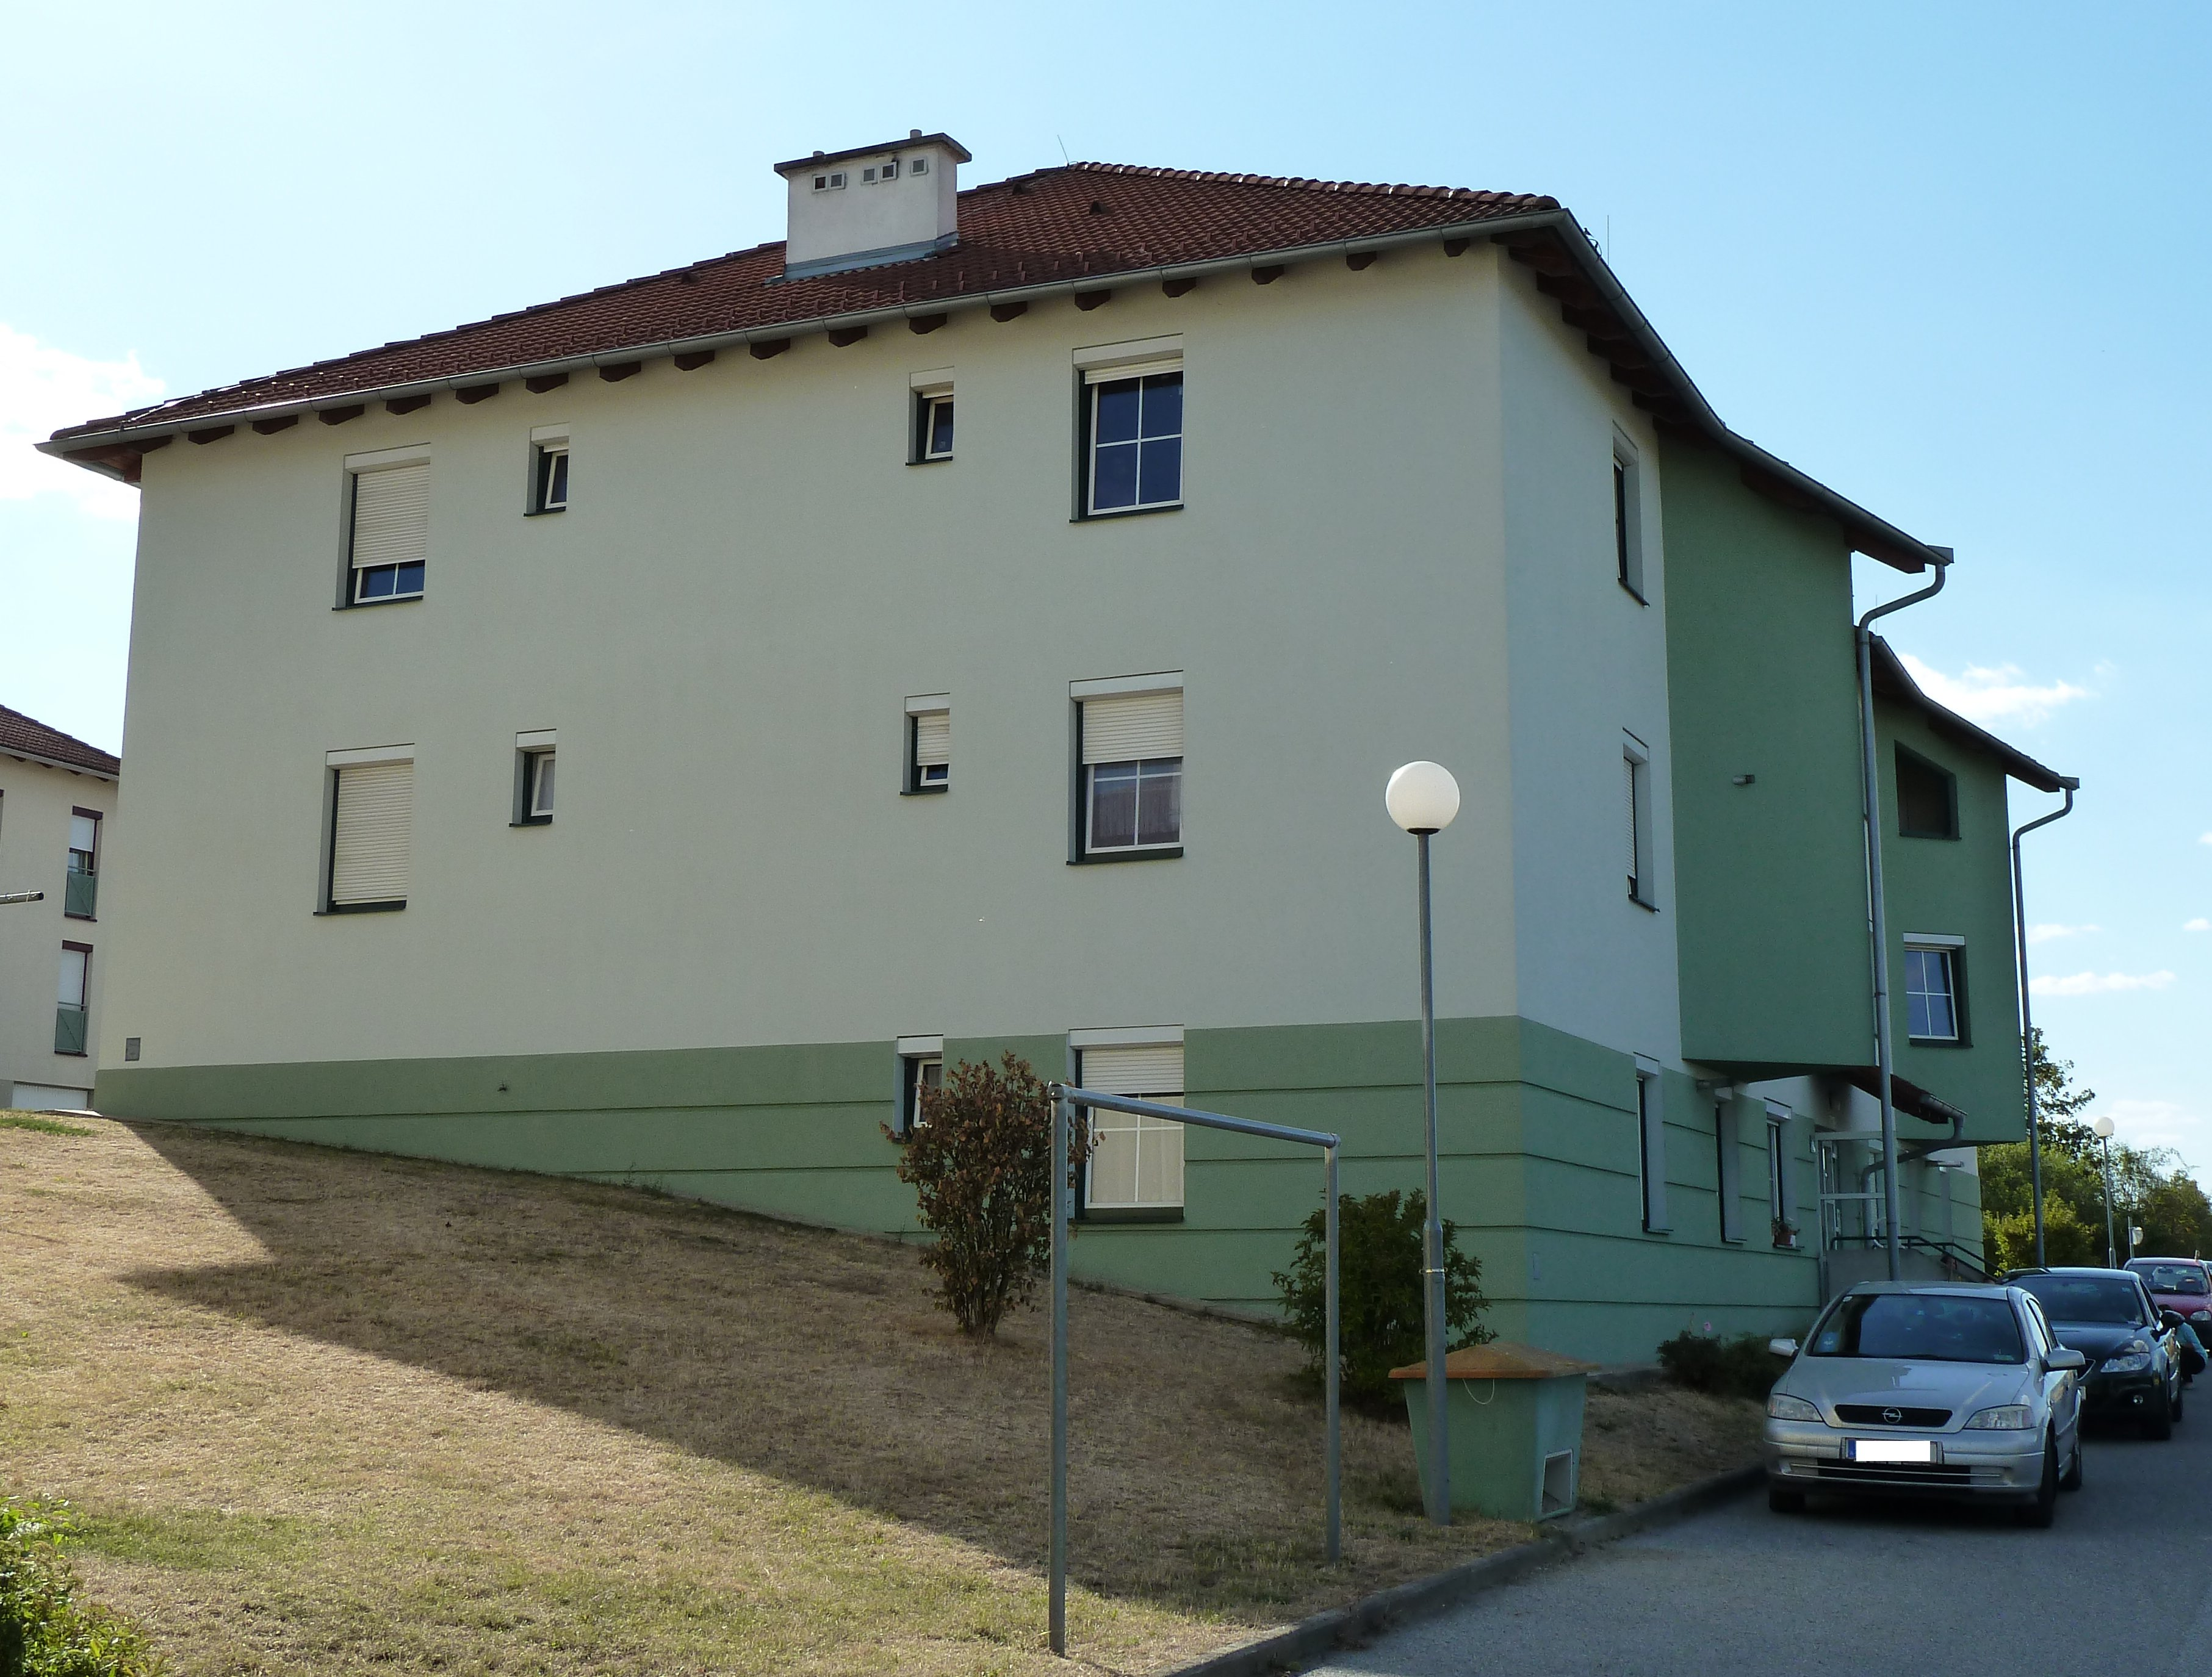 Immobilie von Kamptal in 3580 Horn, Horn, Horn III/1 - Top 3 #1